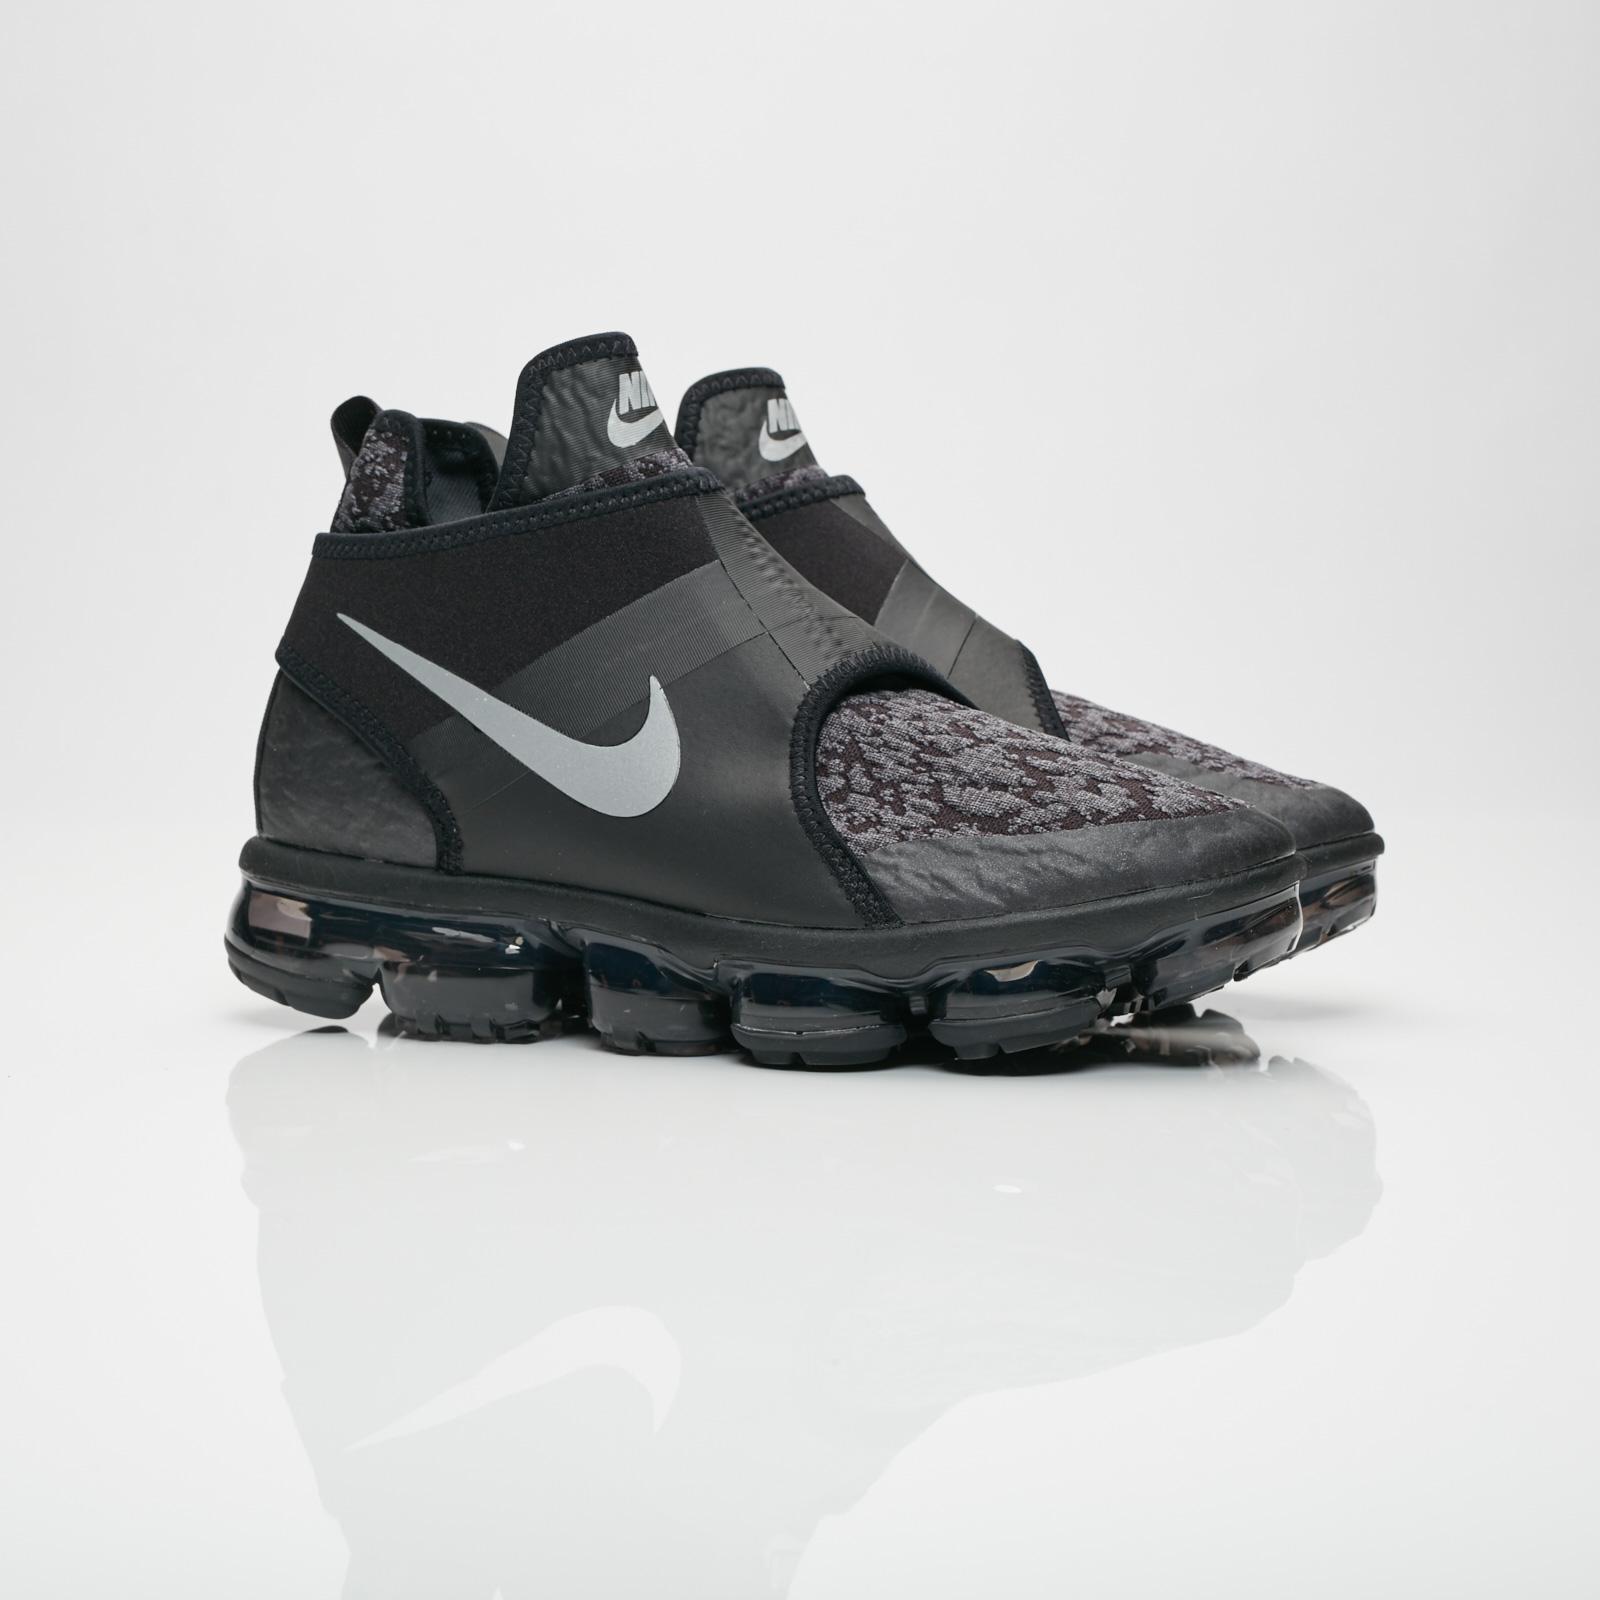 e71c0a9cde Nike Nike Air Vapormax Chukka Slip - Ao9326-002 - Sneakersnstuff ...